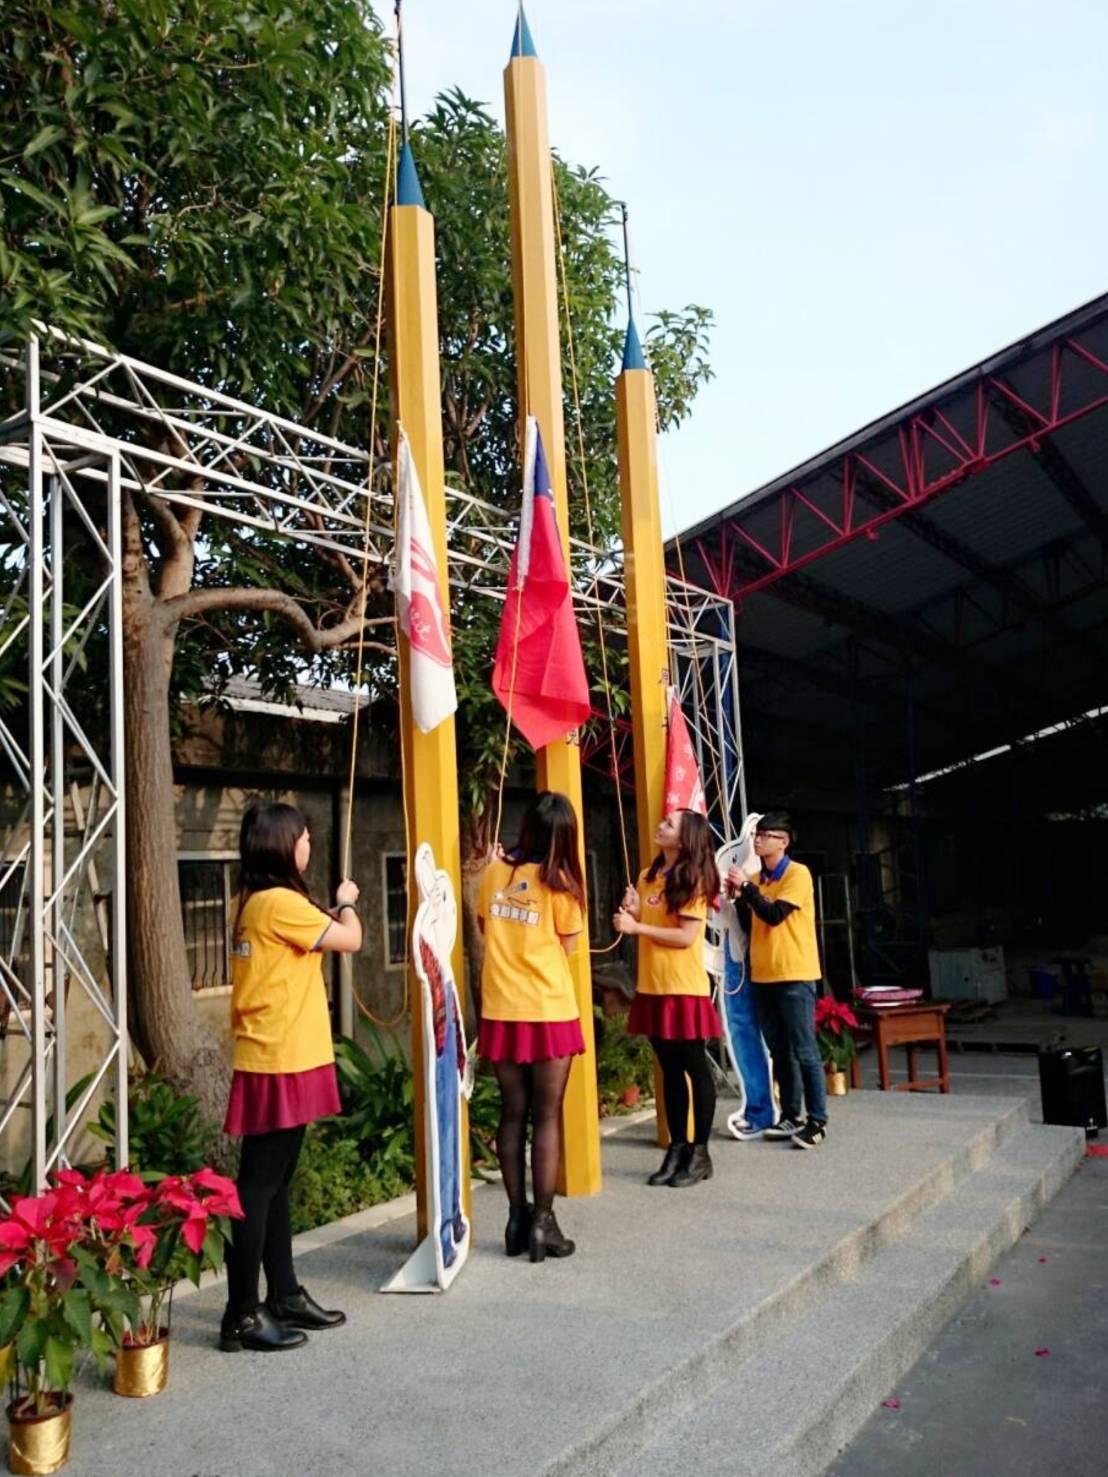 宜蘭玉兔鉛筆學校將在元旦舉行升旗典禮,鉛筆造型升旗竿與員工仿鉛筆色的制服,很特別...